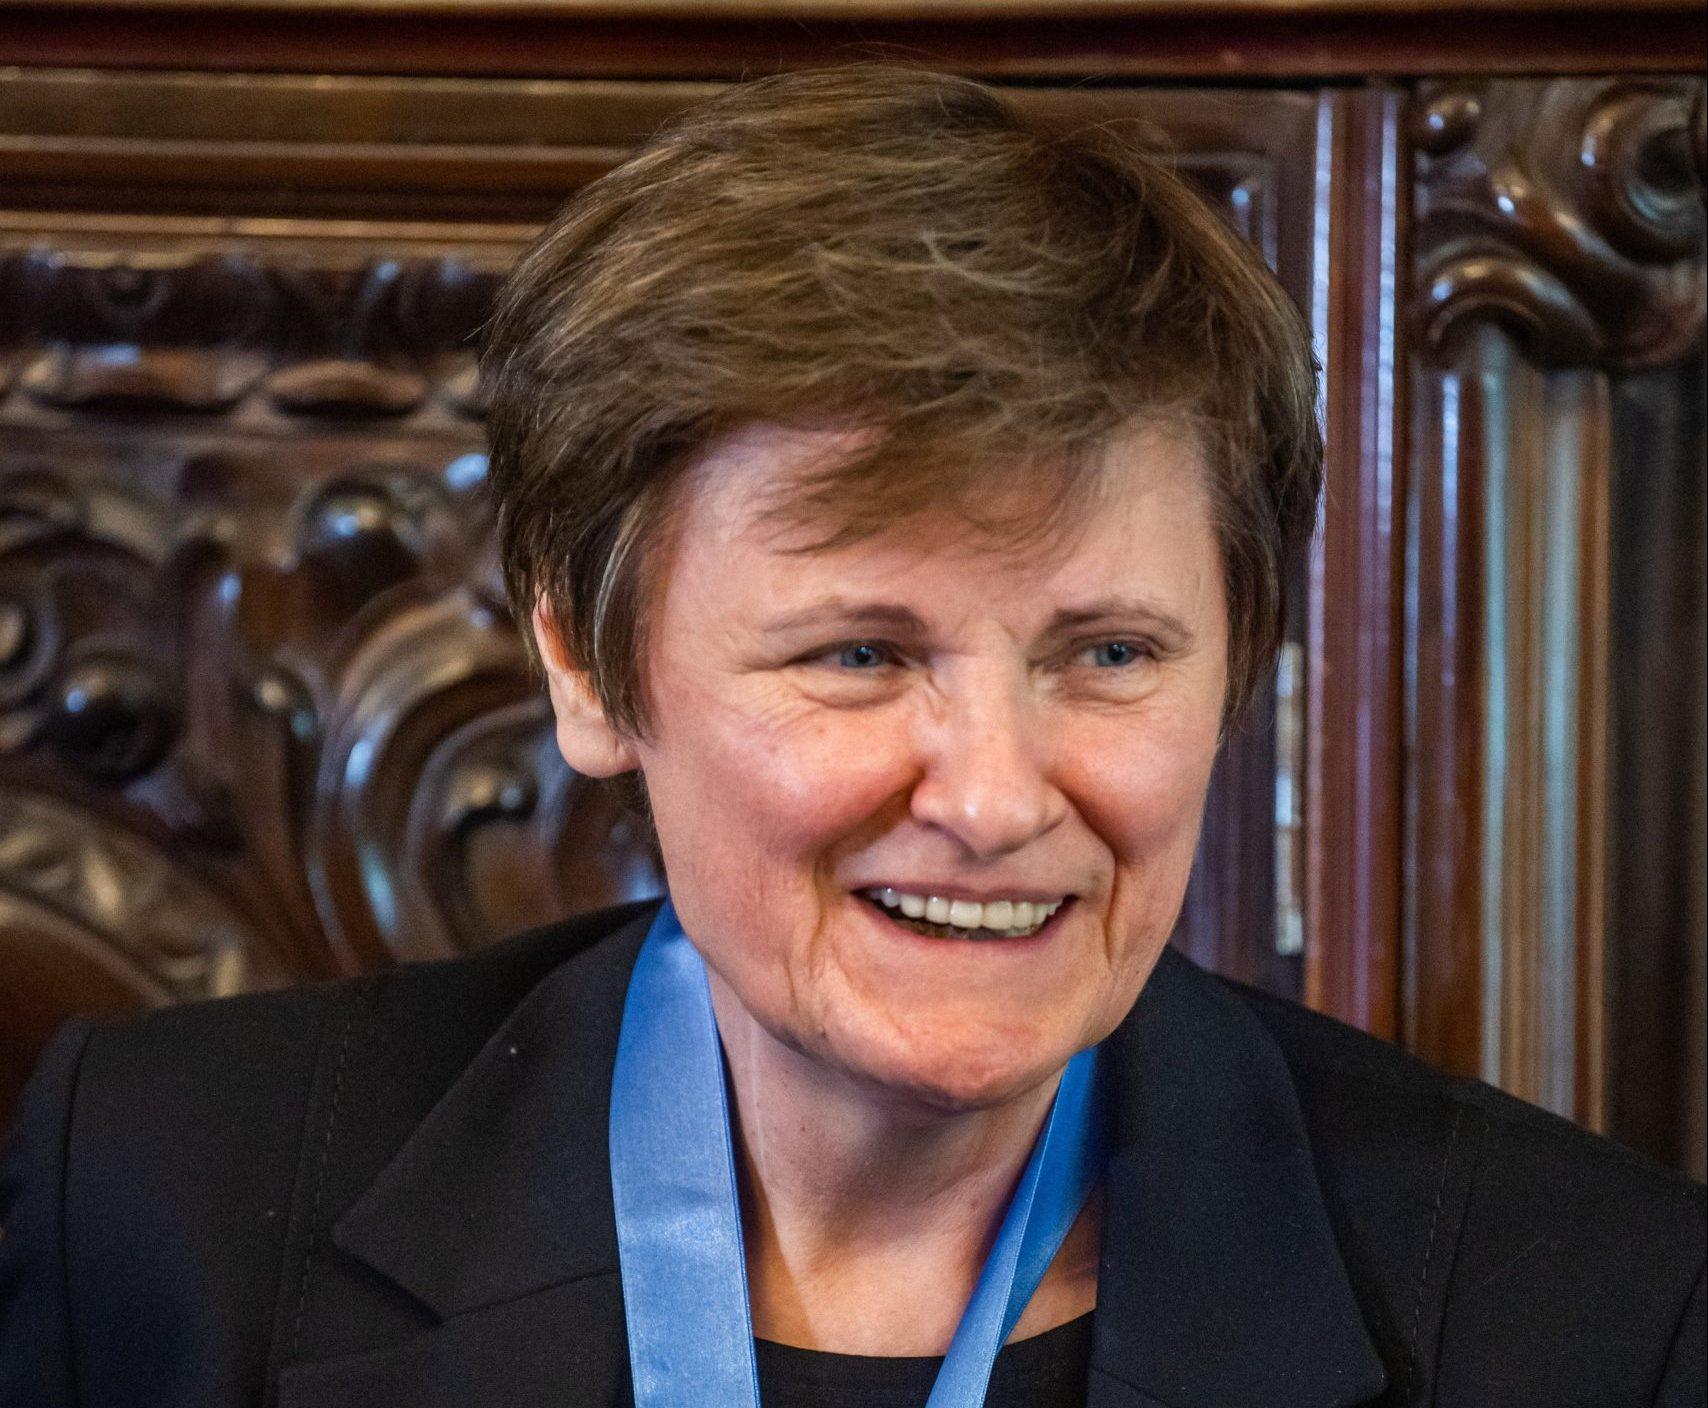 Corona-Impfstoff: Entwicklerin Katalin Karikó betont Wichtigkeit der Aufklärung